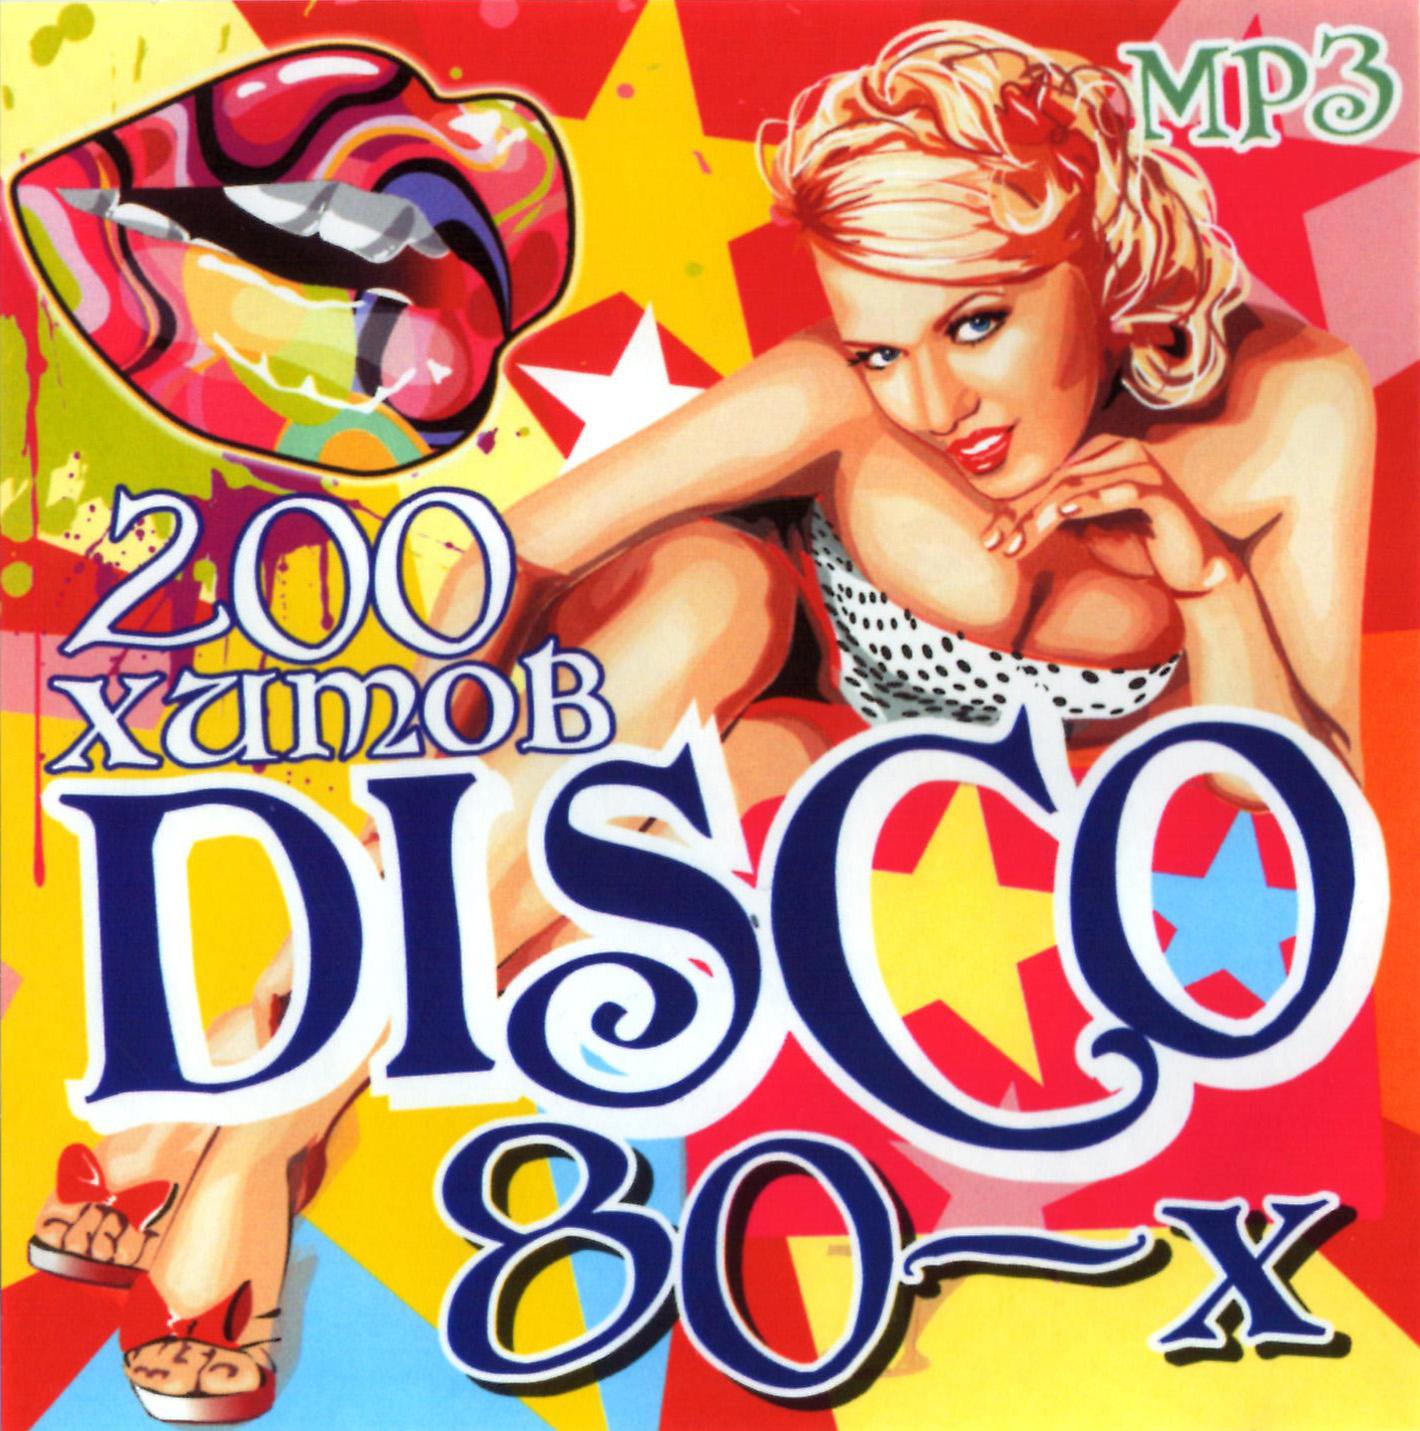 200 хитов Disco 80-х